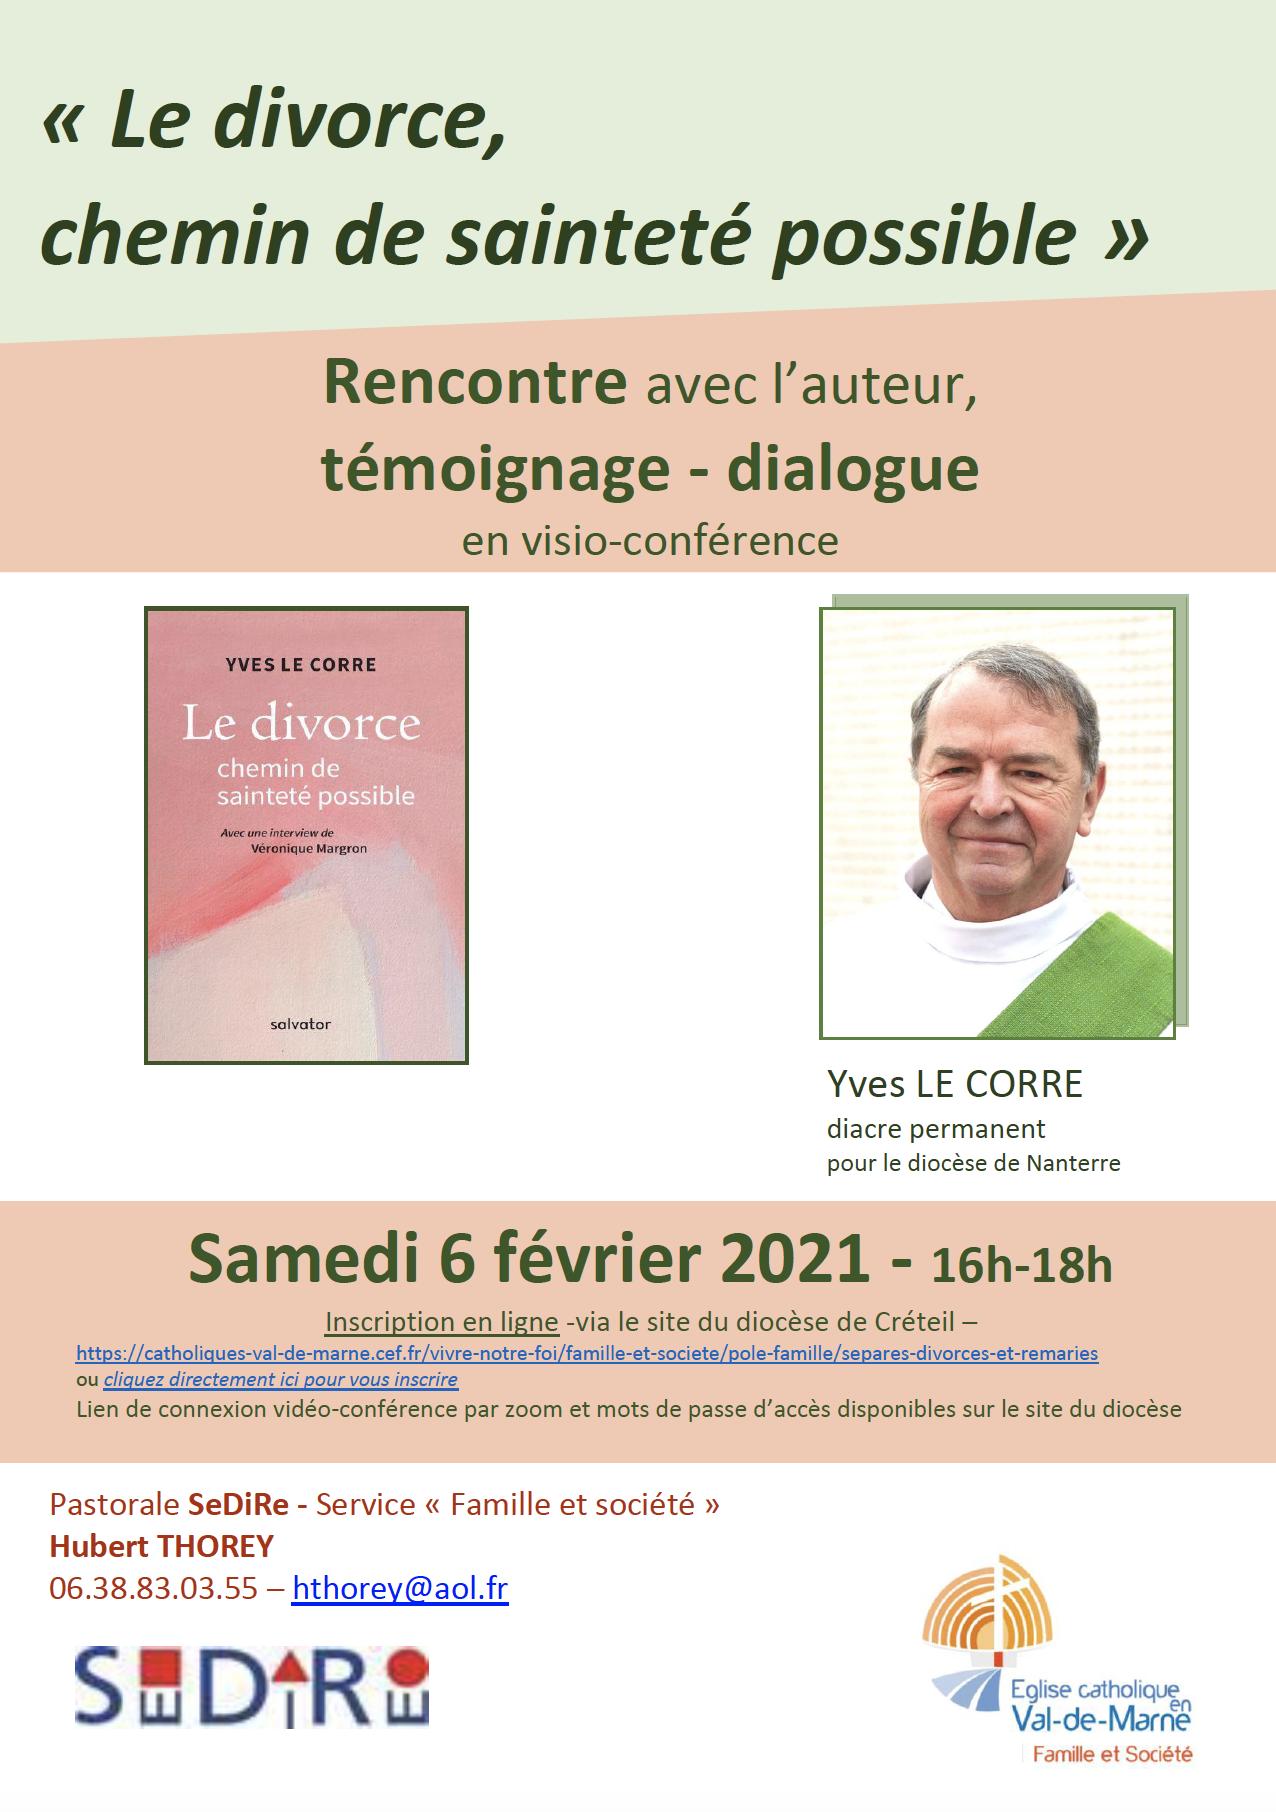 """Visio-conférence : rencontre avec Yves Le Corre auteur de """"Le divorce, chemin de sainteté possible"""" - le 6 février 2021"""